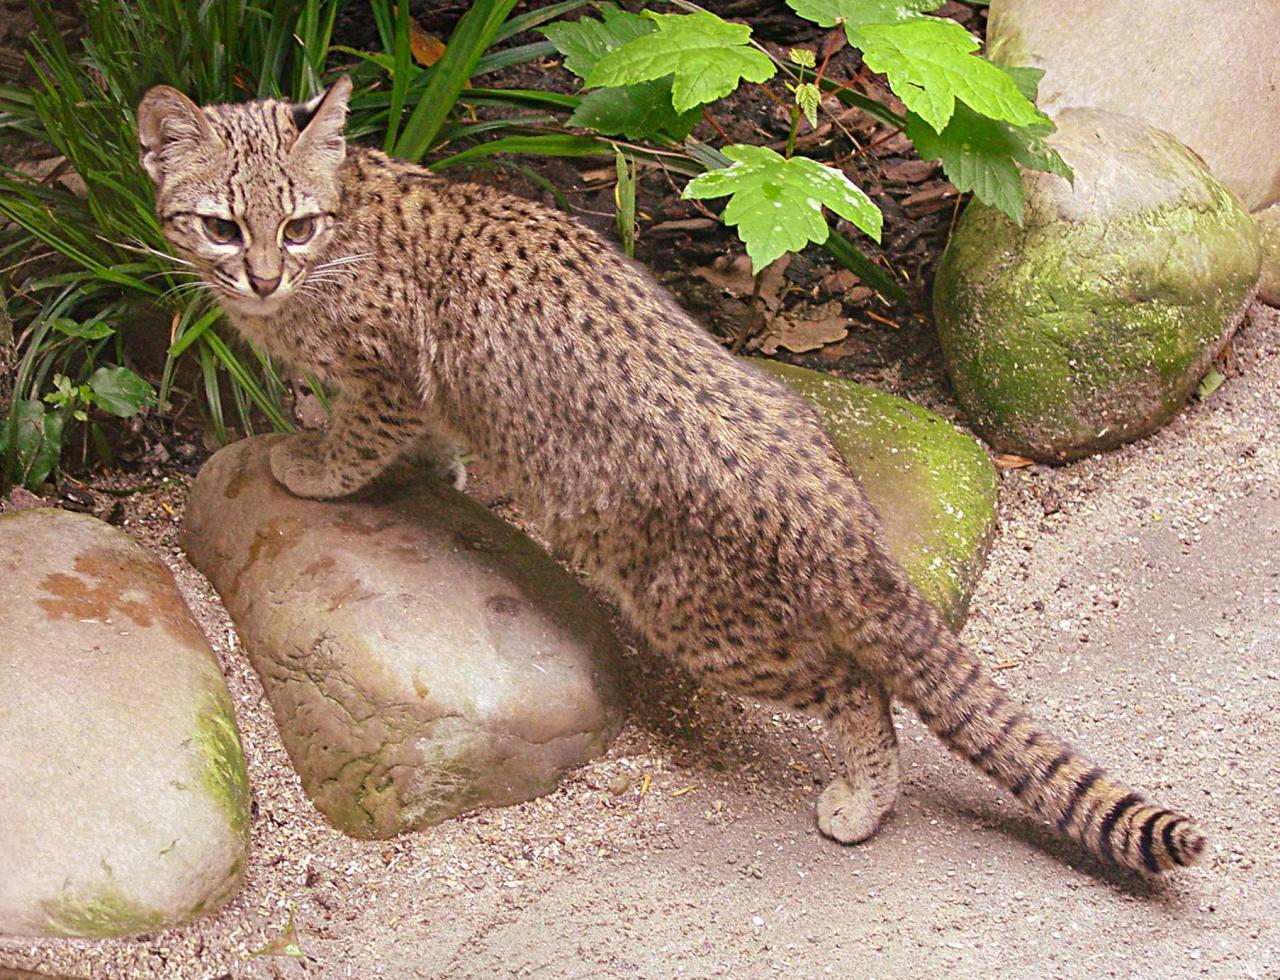 صورة حيوان بري اصغر من النمر , حل الفزورة حيوان اصغر من النمر